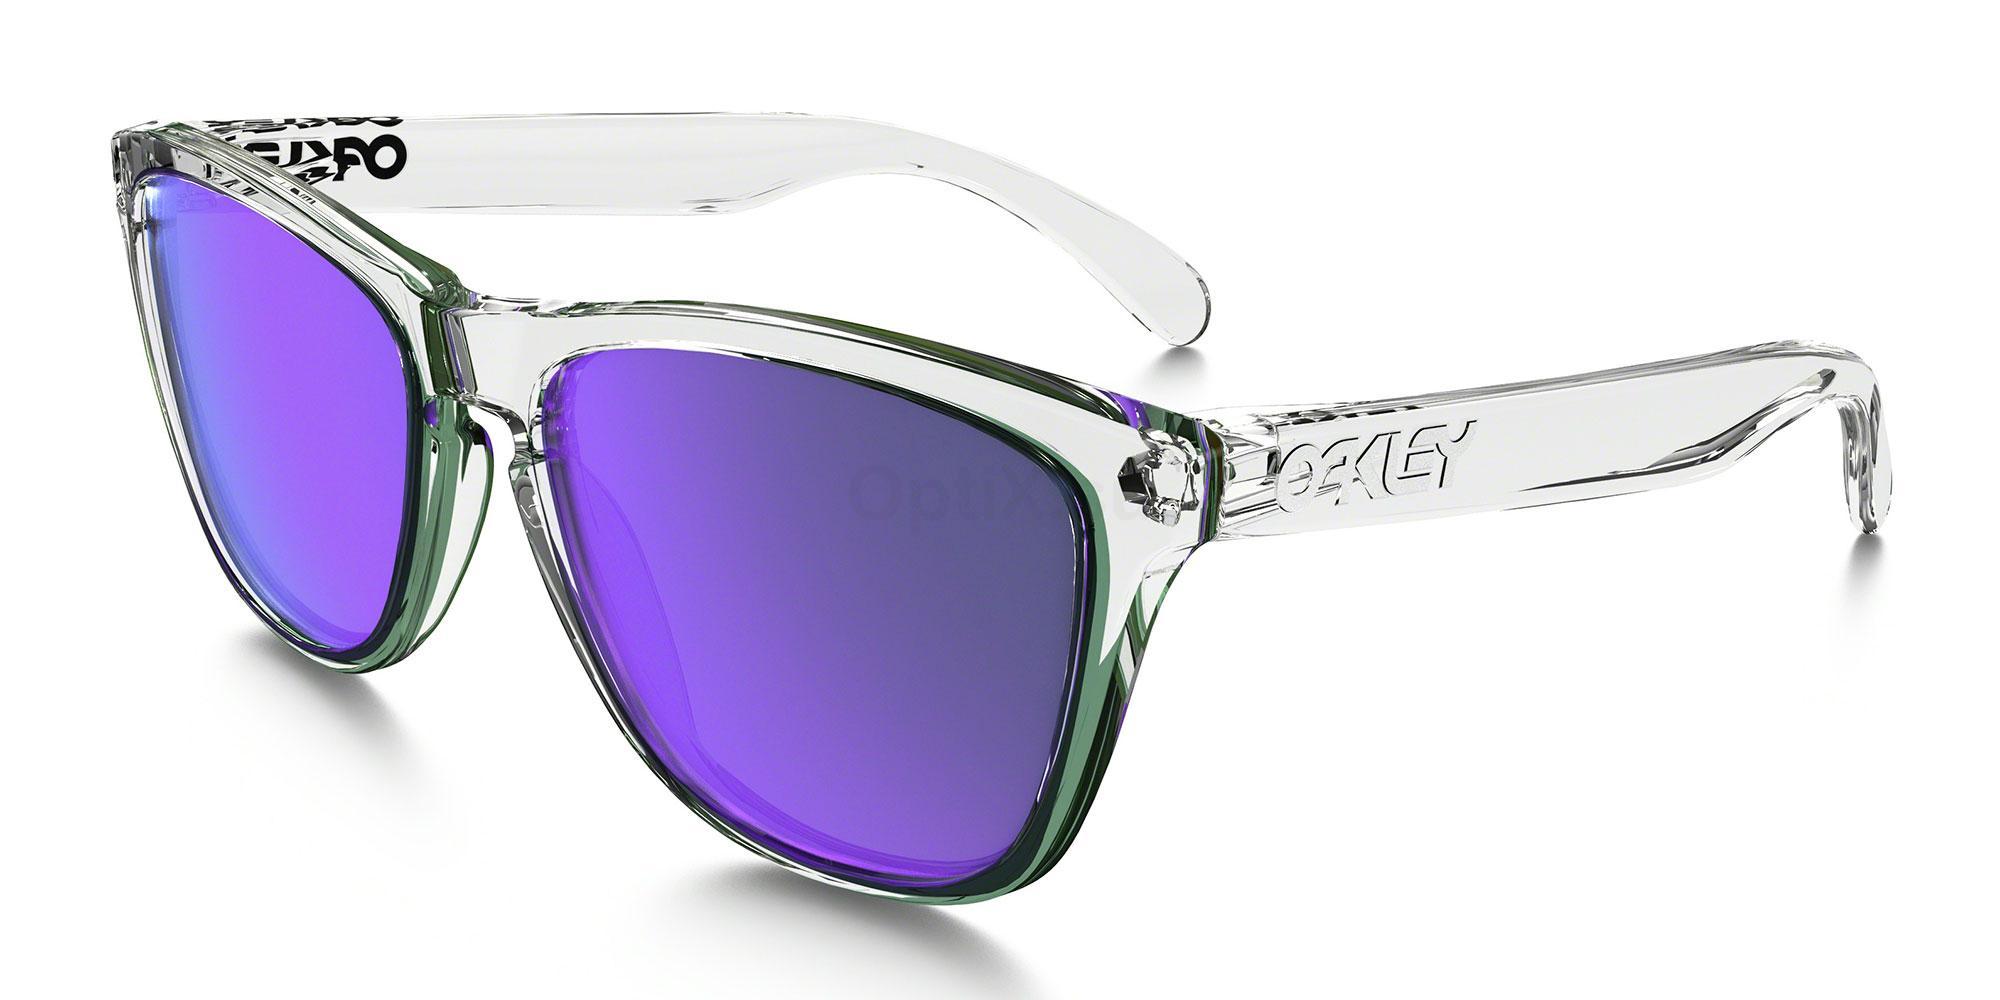 24-305 OO9013 FROGSKINS (Standard) Sunglasses, Oakley